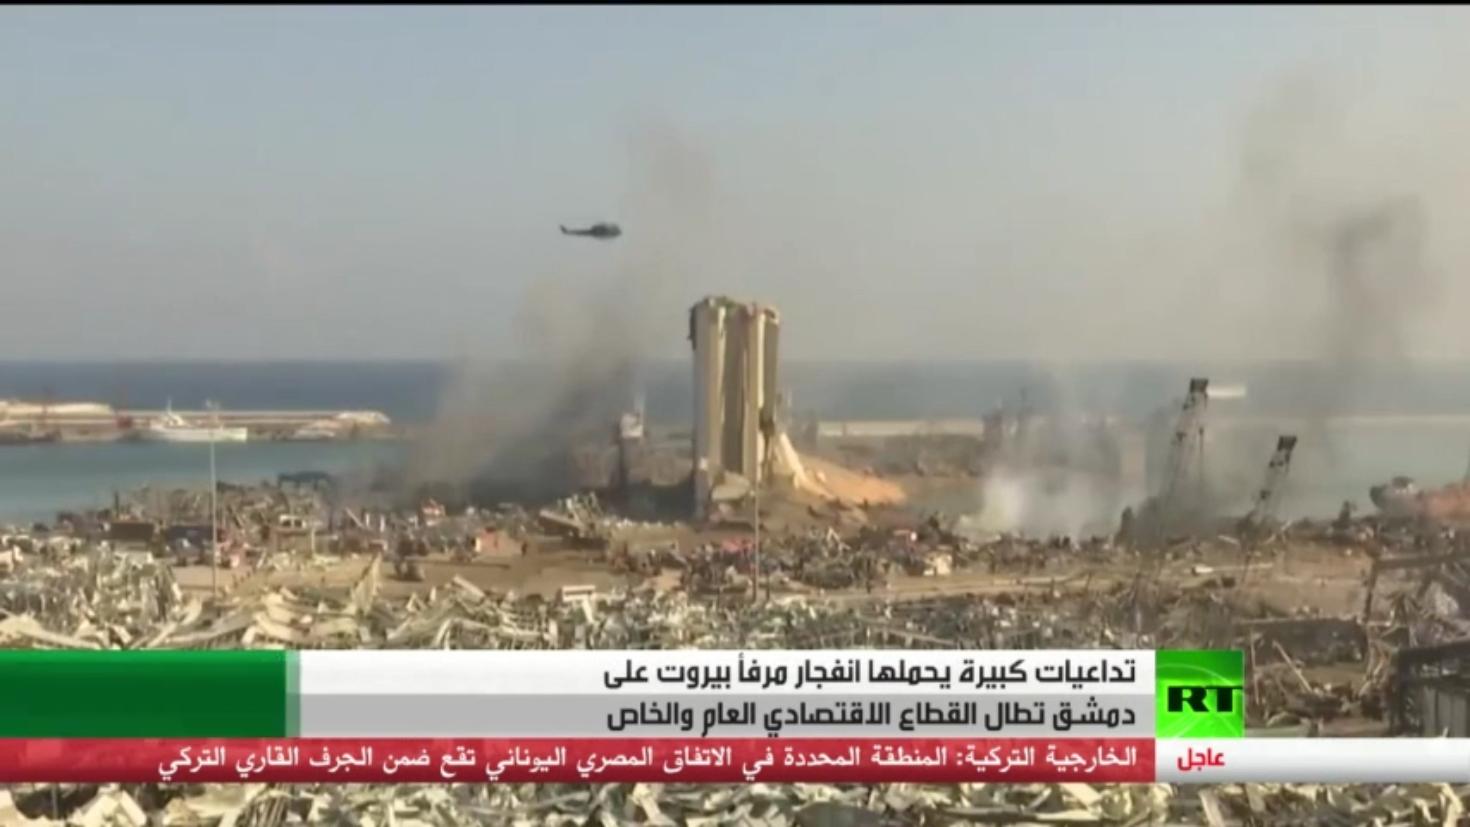 انفجار بيروت يلقي بظلاله على الاقتصاد السوري